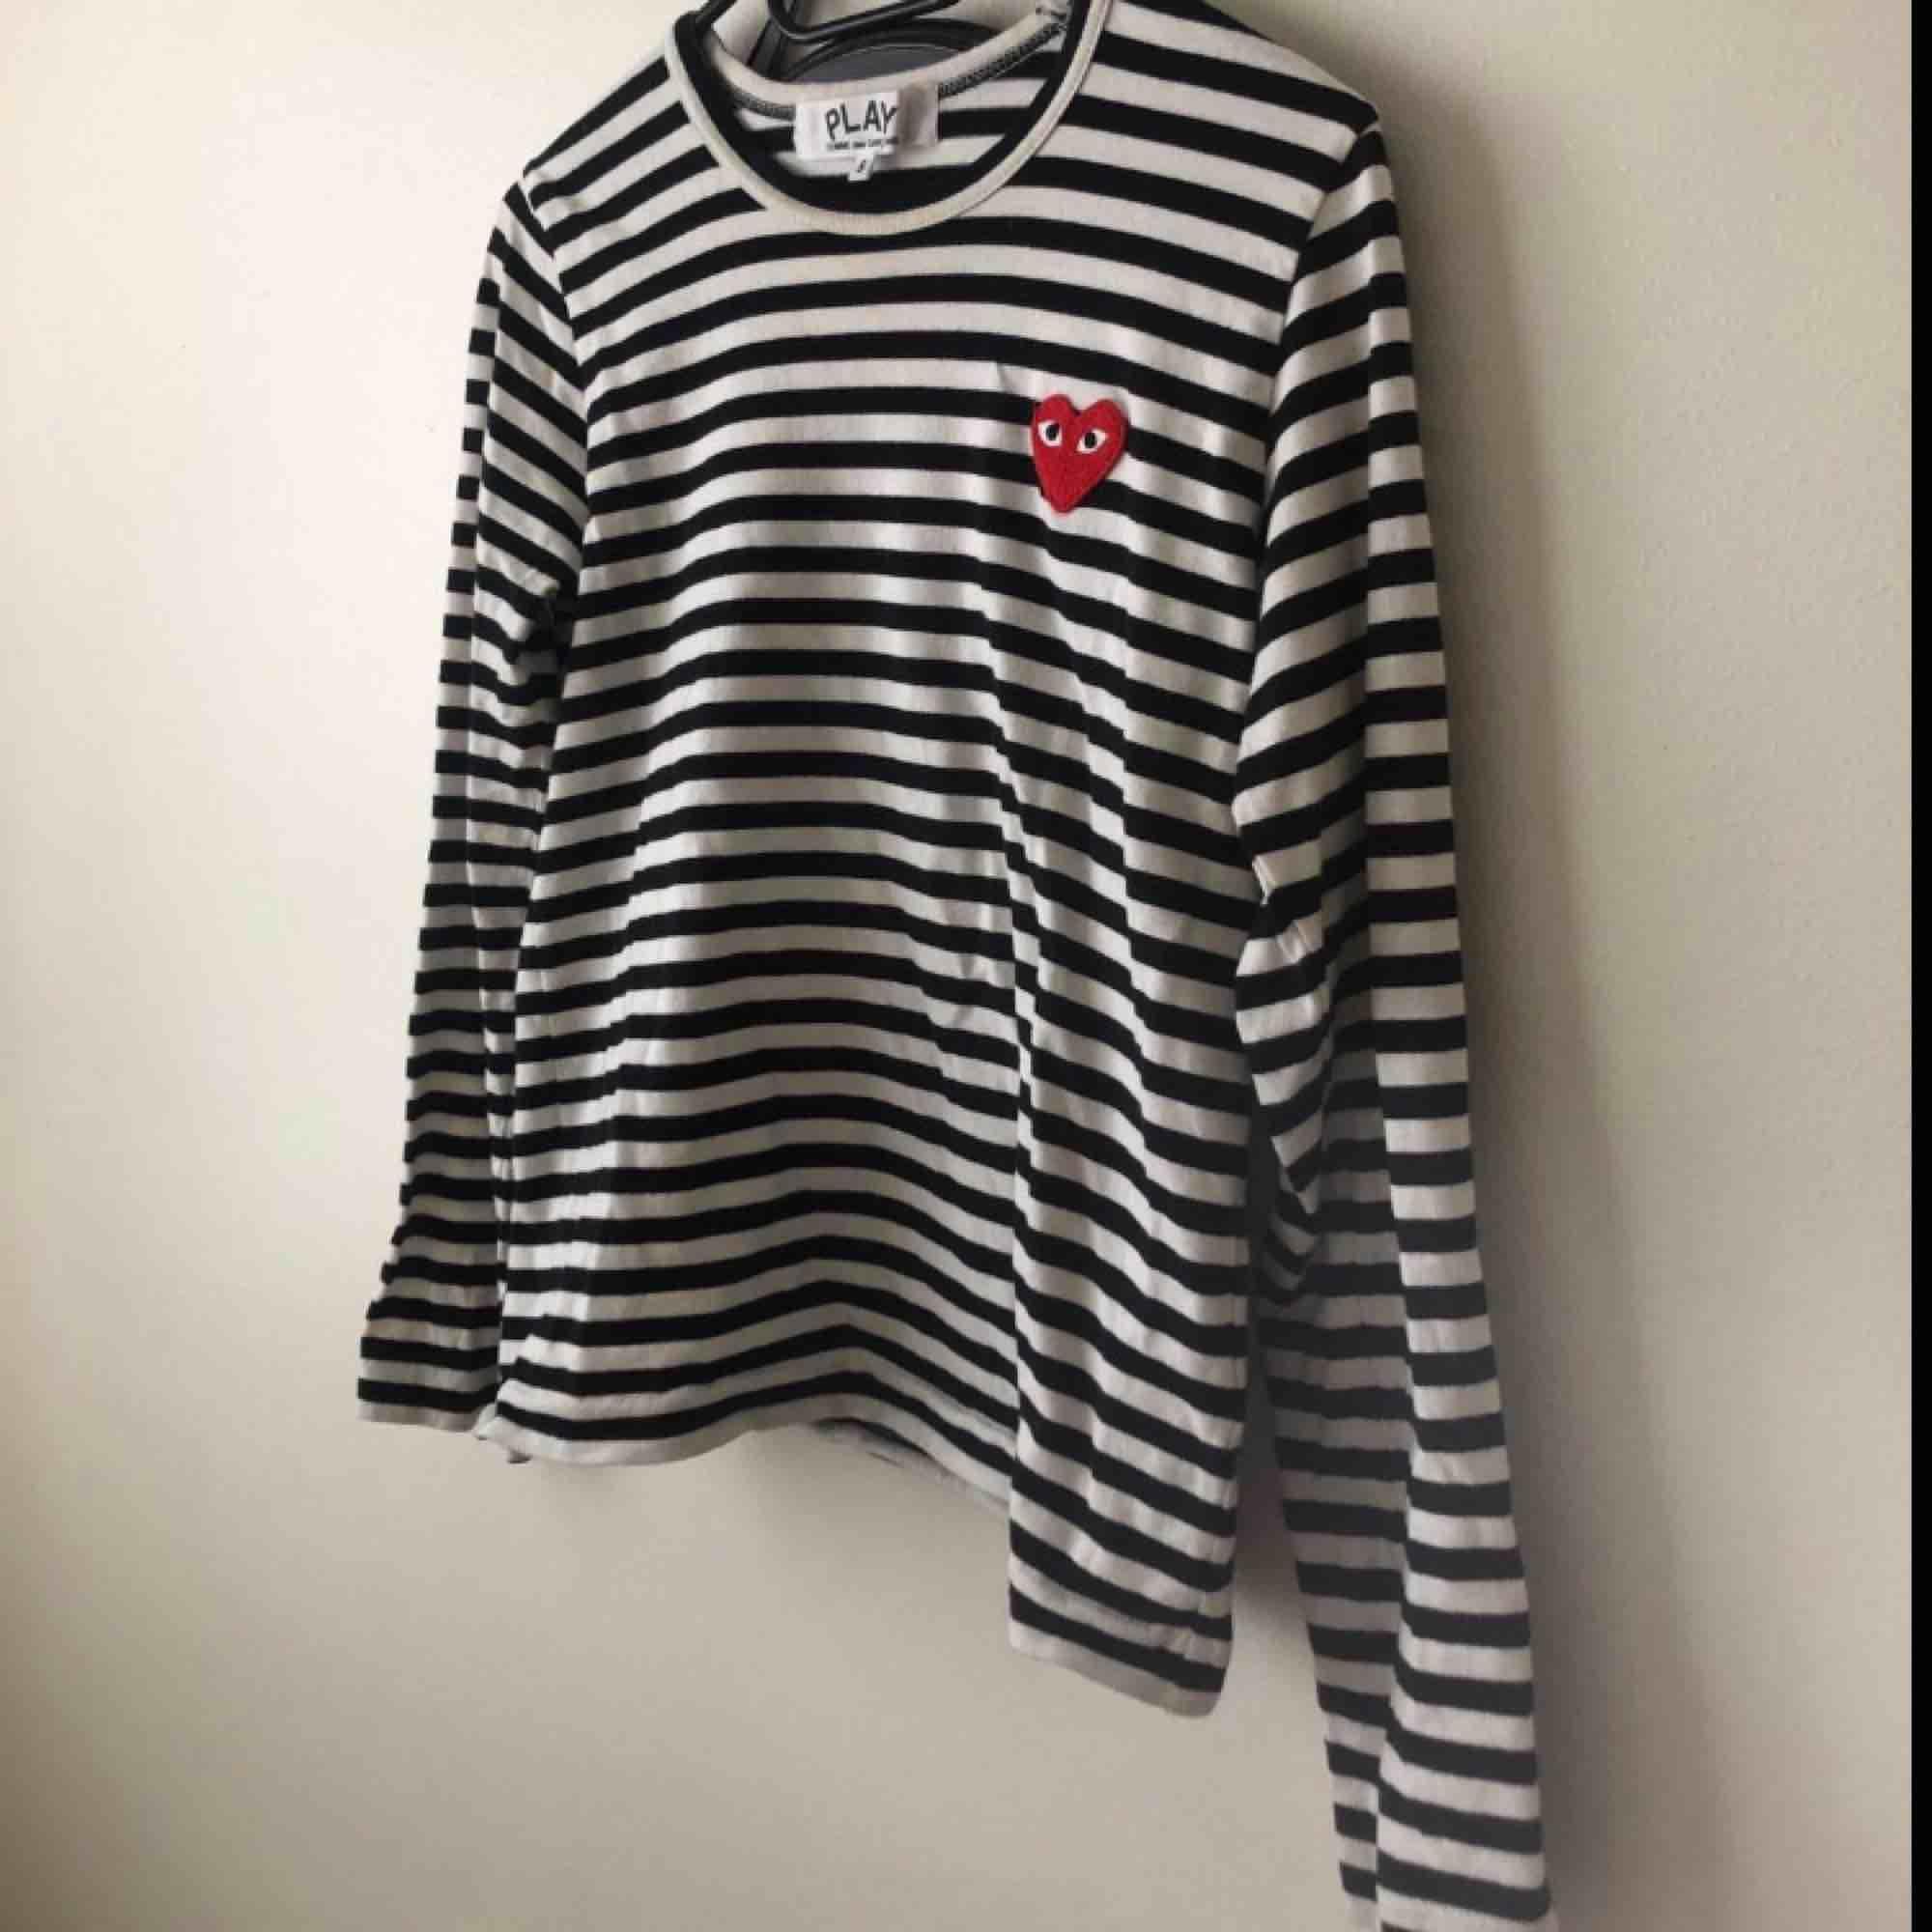 Cdg play tröja, svartvit, i gott skick, säljs pga att den ej kommer till användning. Tröjor & Koftor.